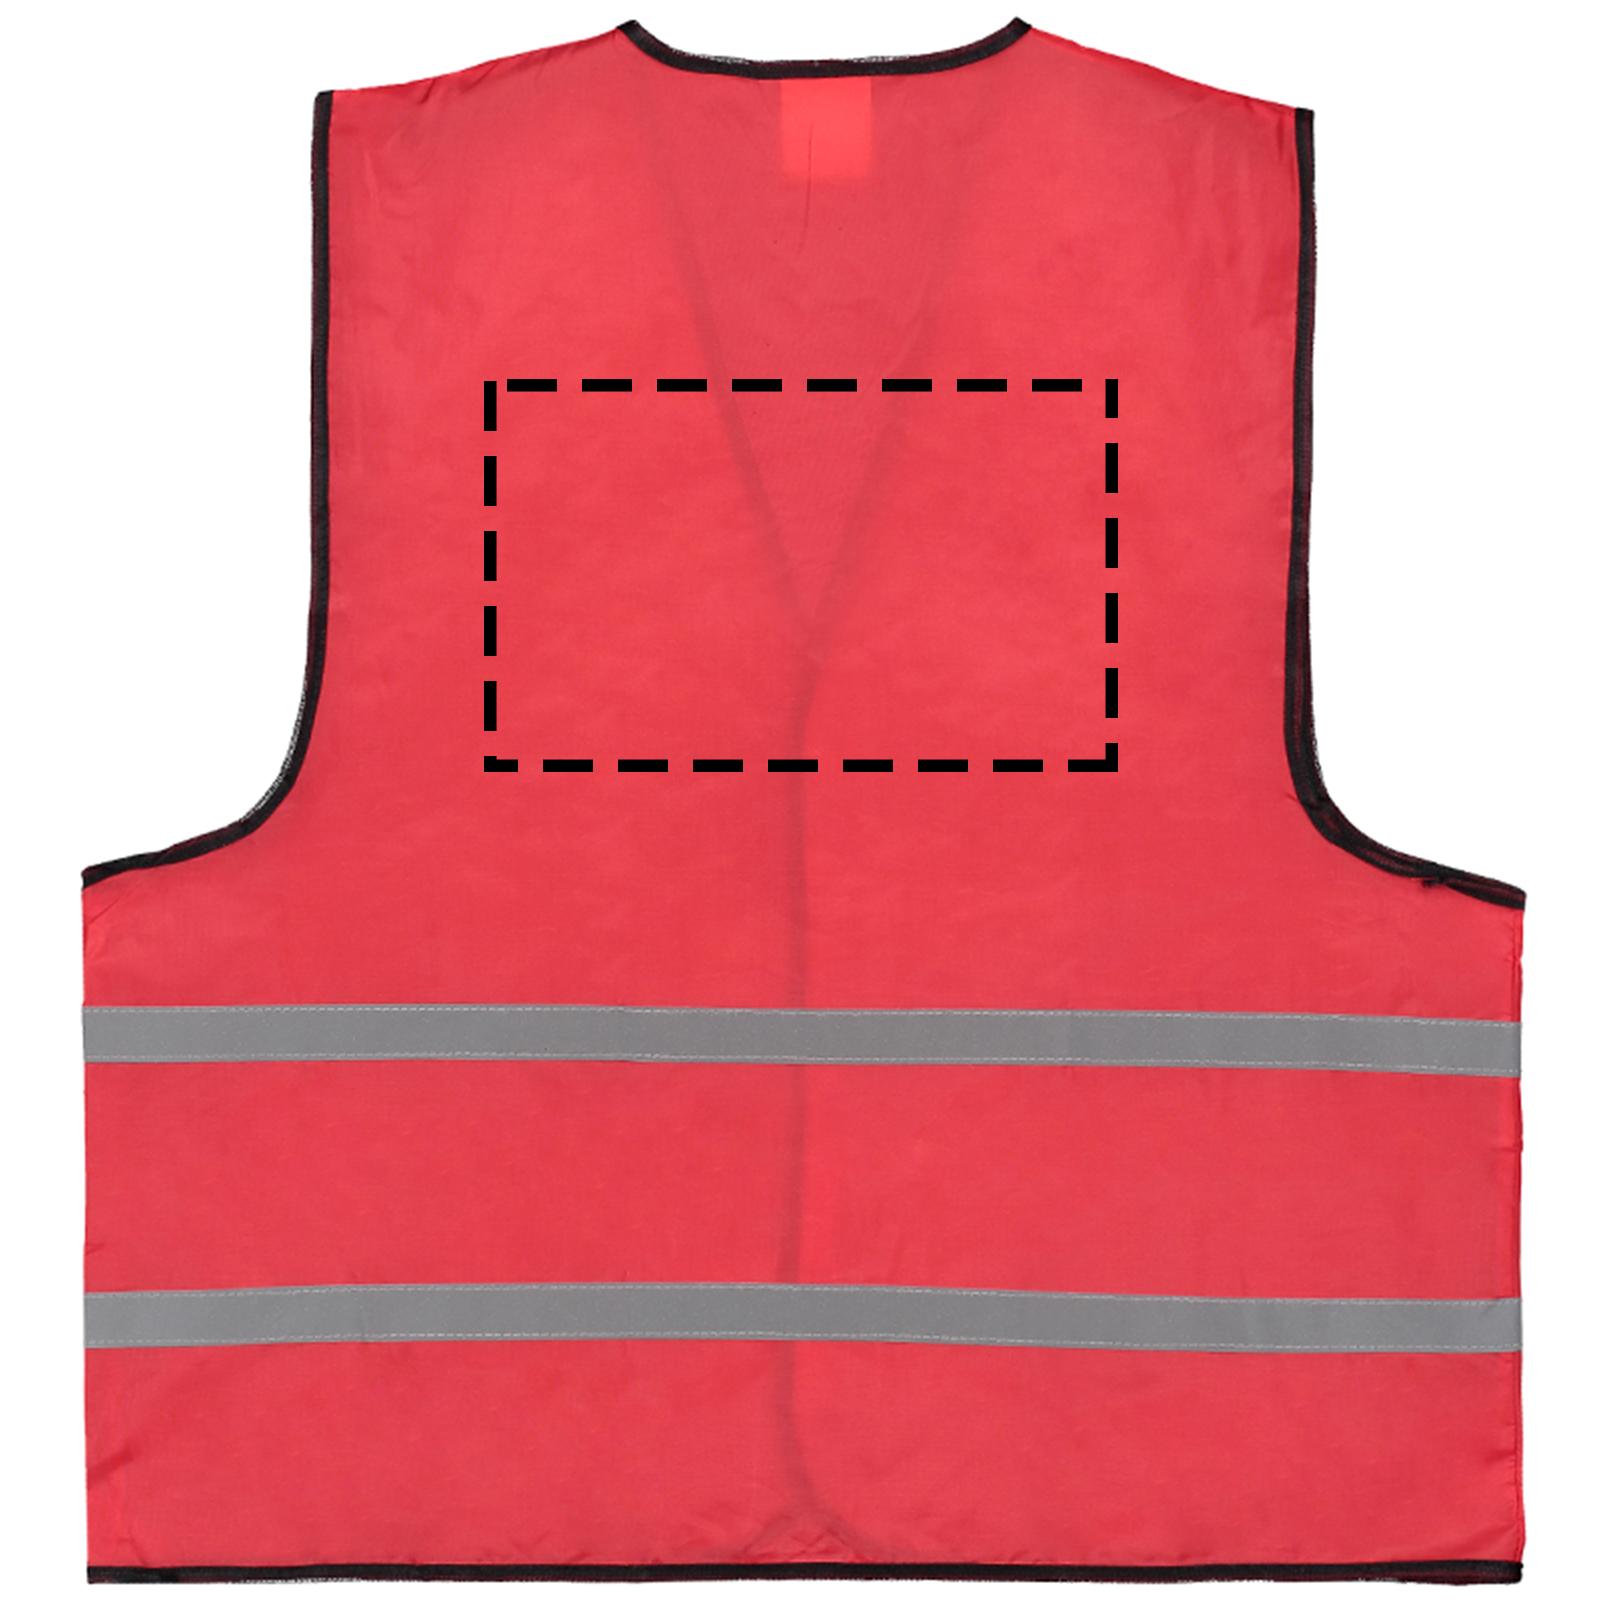 Veiligheidshesje gekleurd - Bedrukking achterzijde